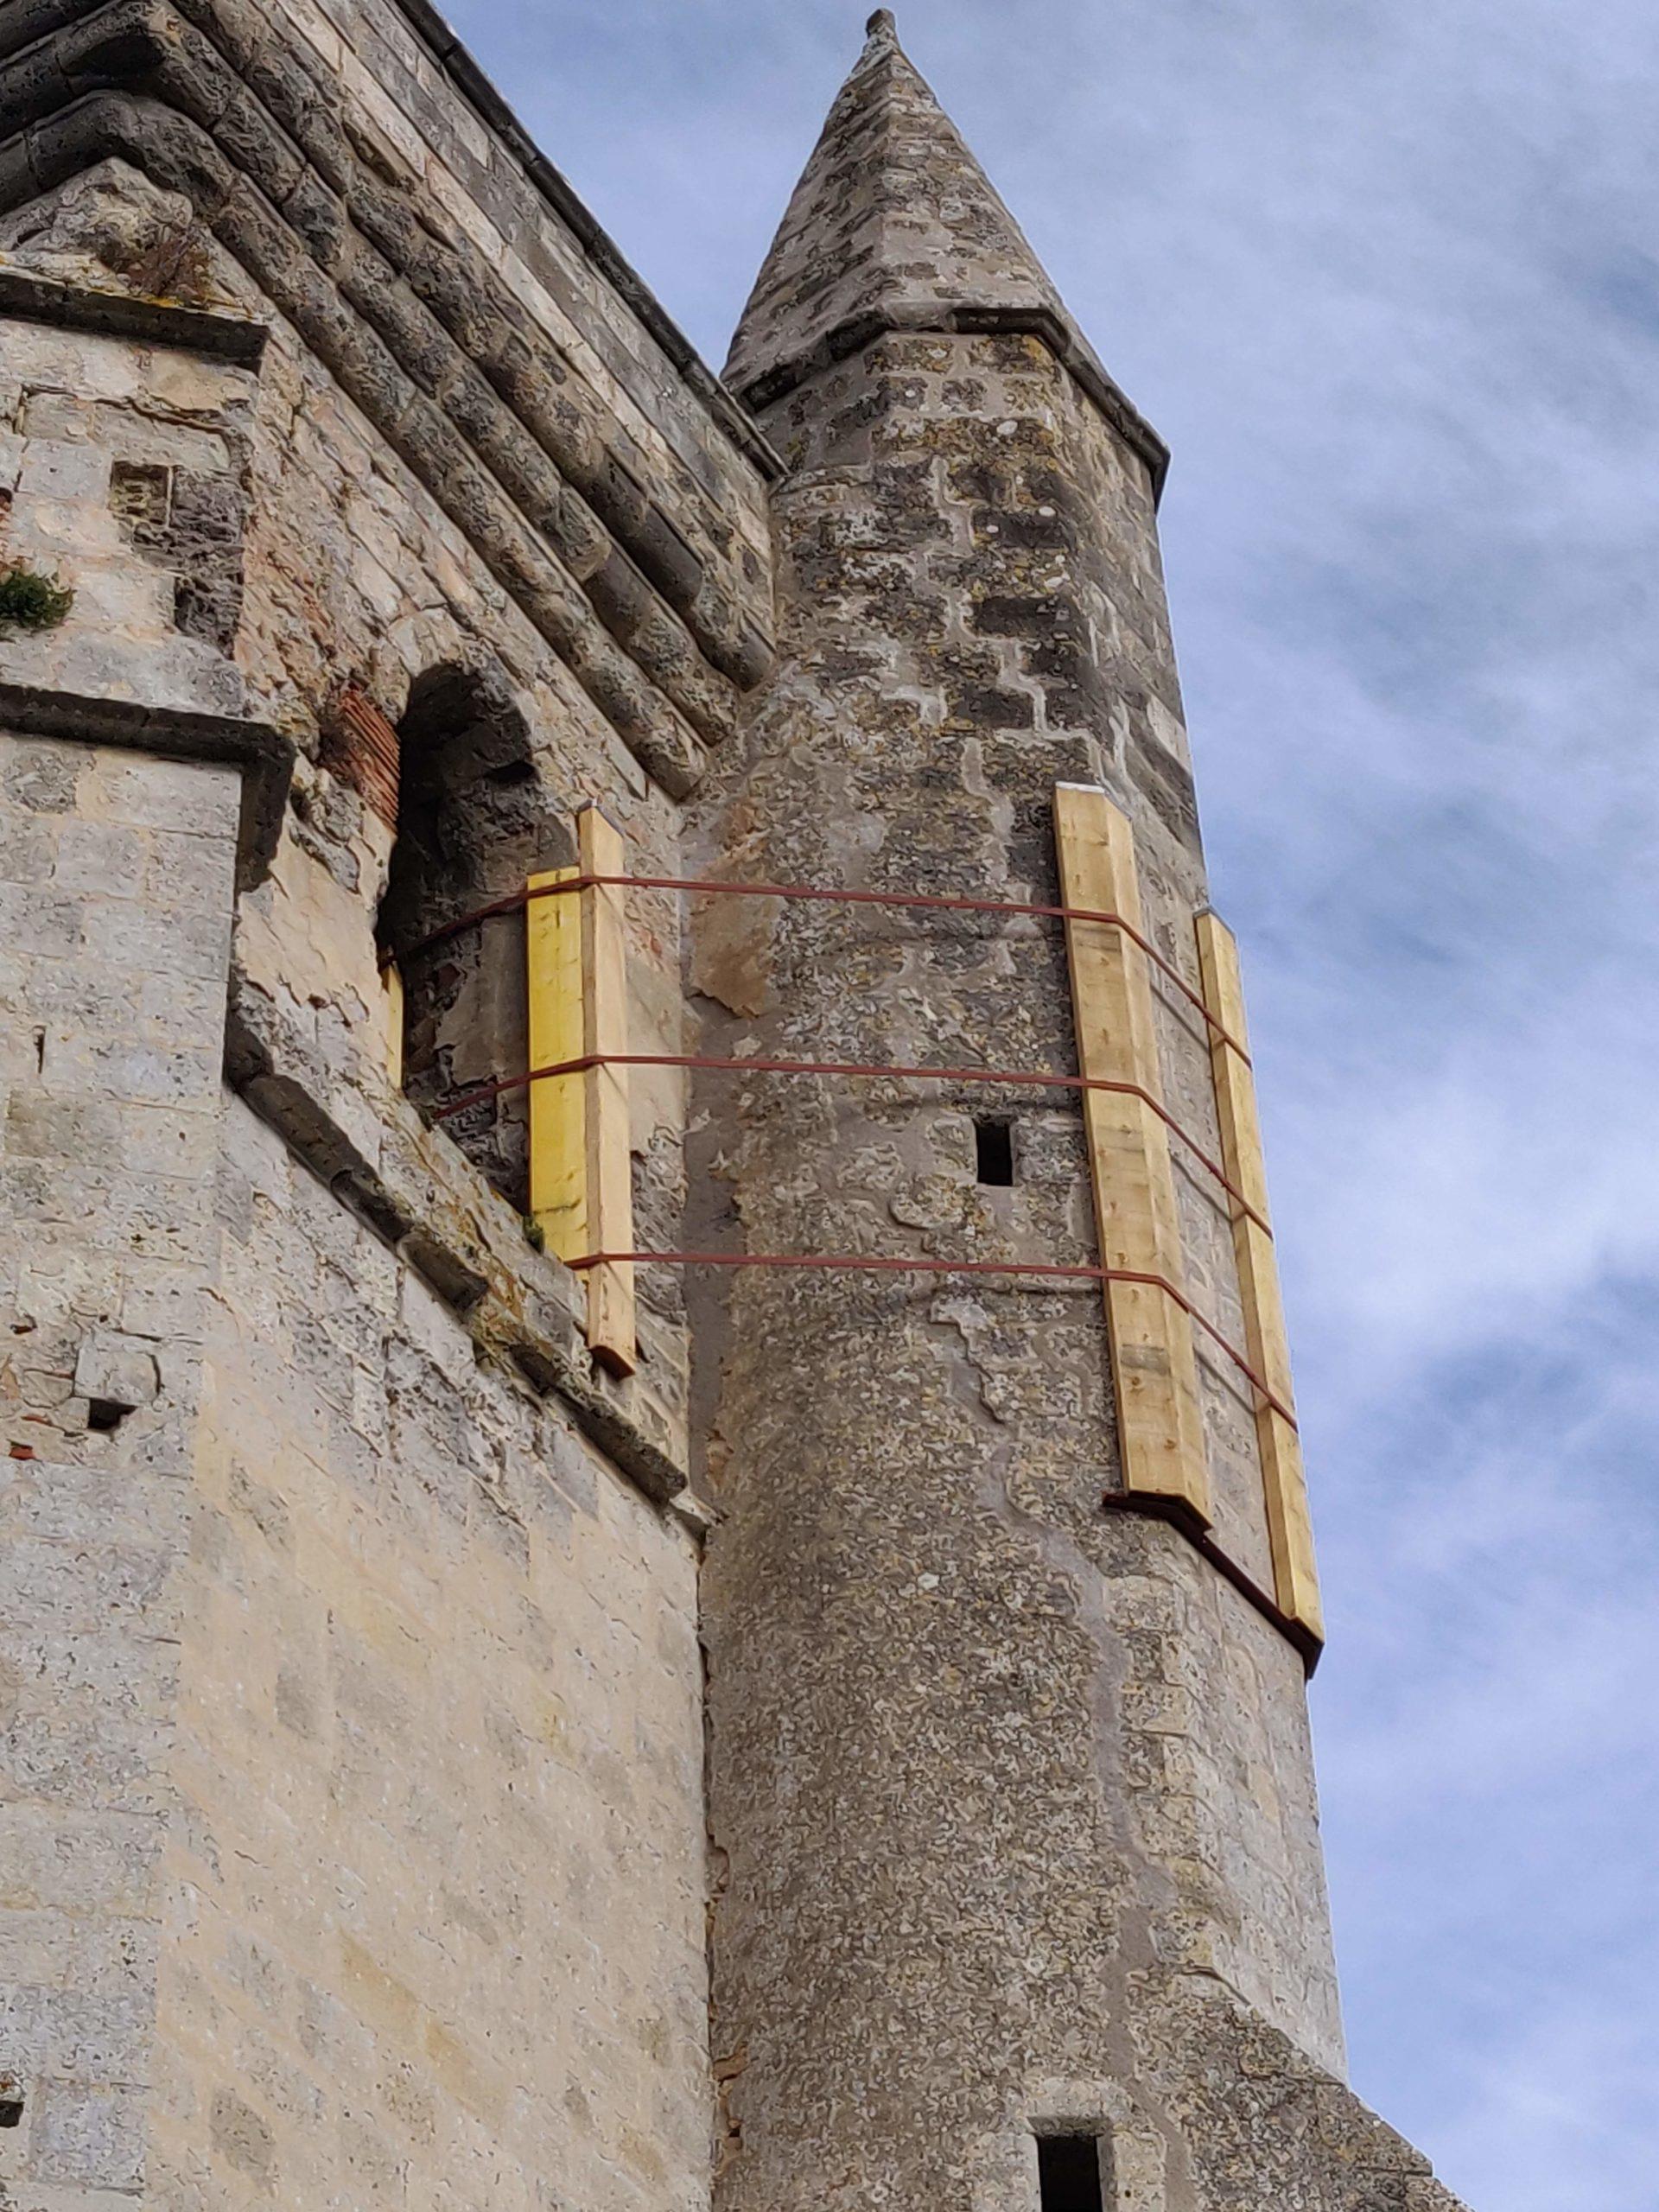 Tourelle d'escalier de l'église frettée